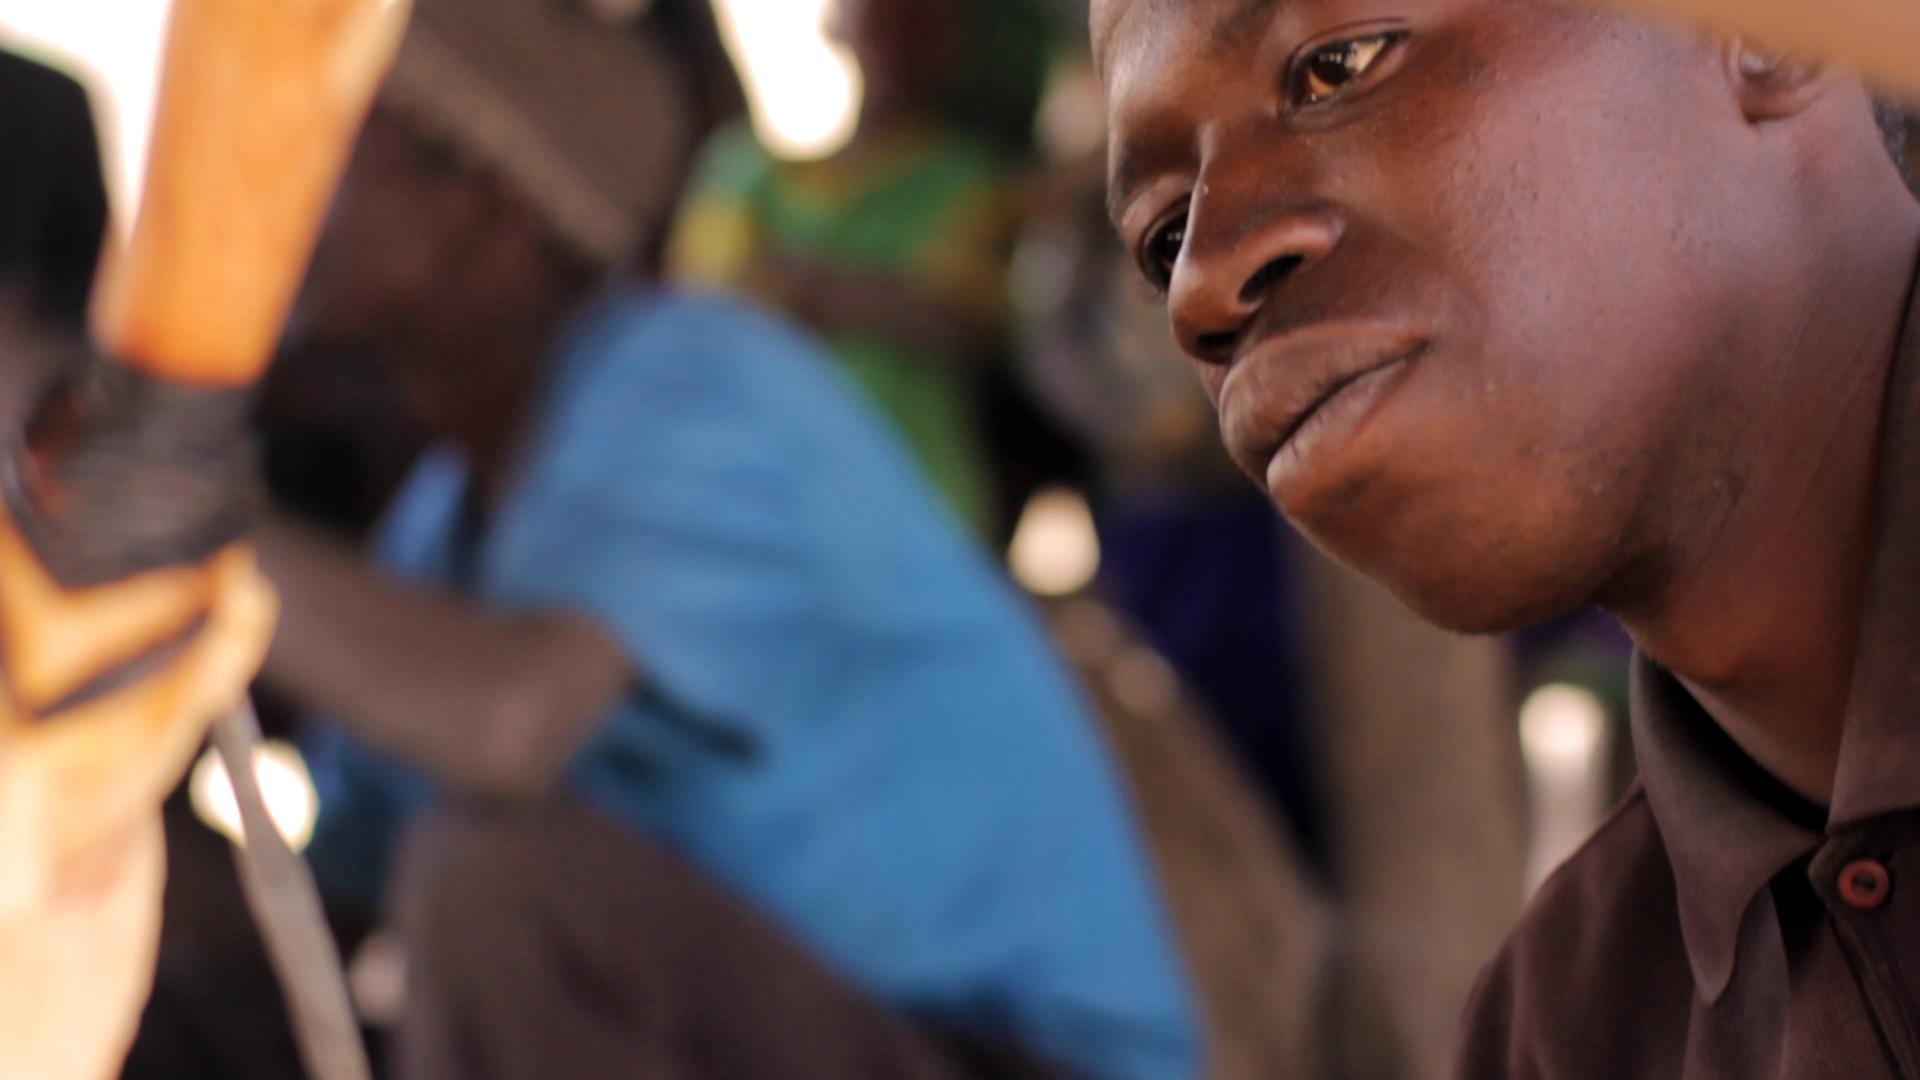 malidogon pablocaminante ebanista - Malí 8, País Dogon V: moda, arte y religión